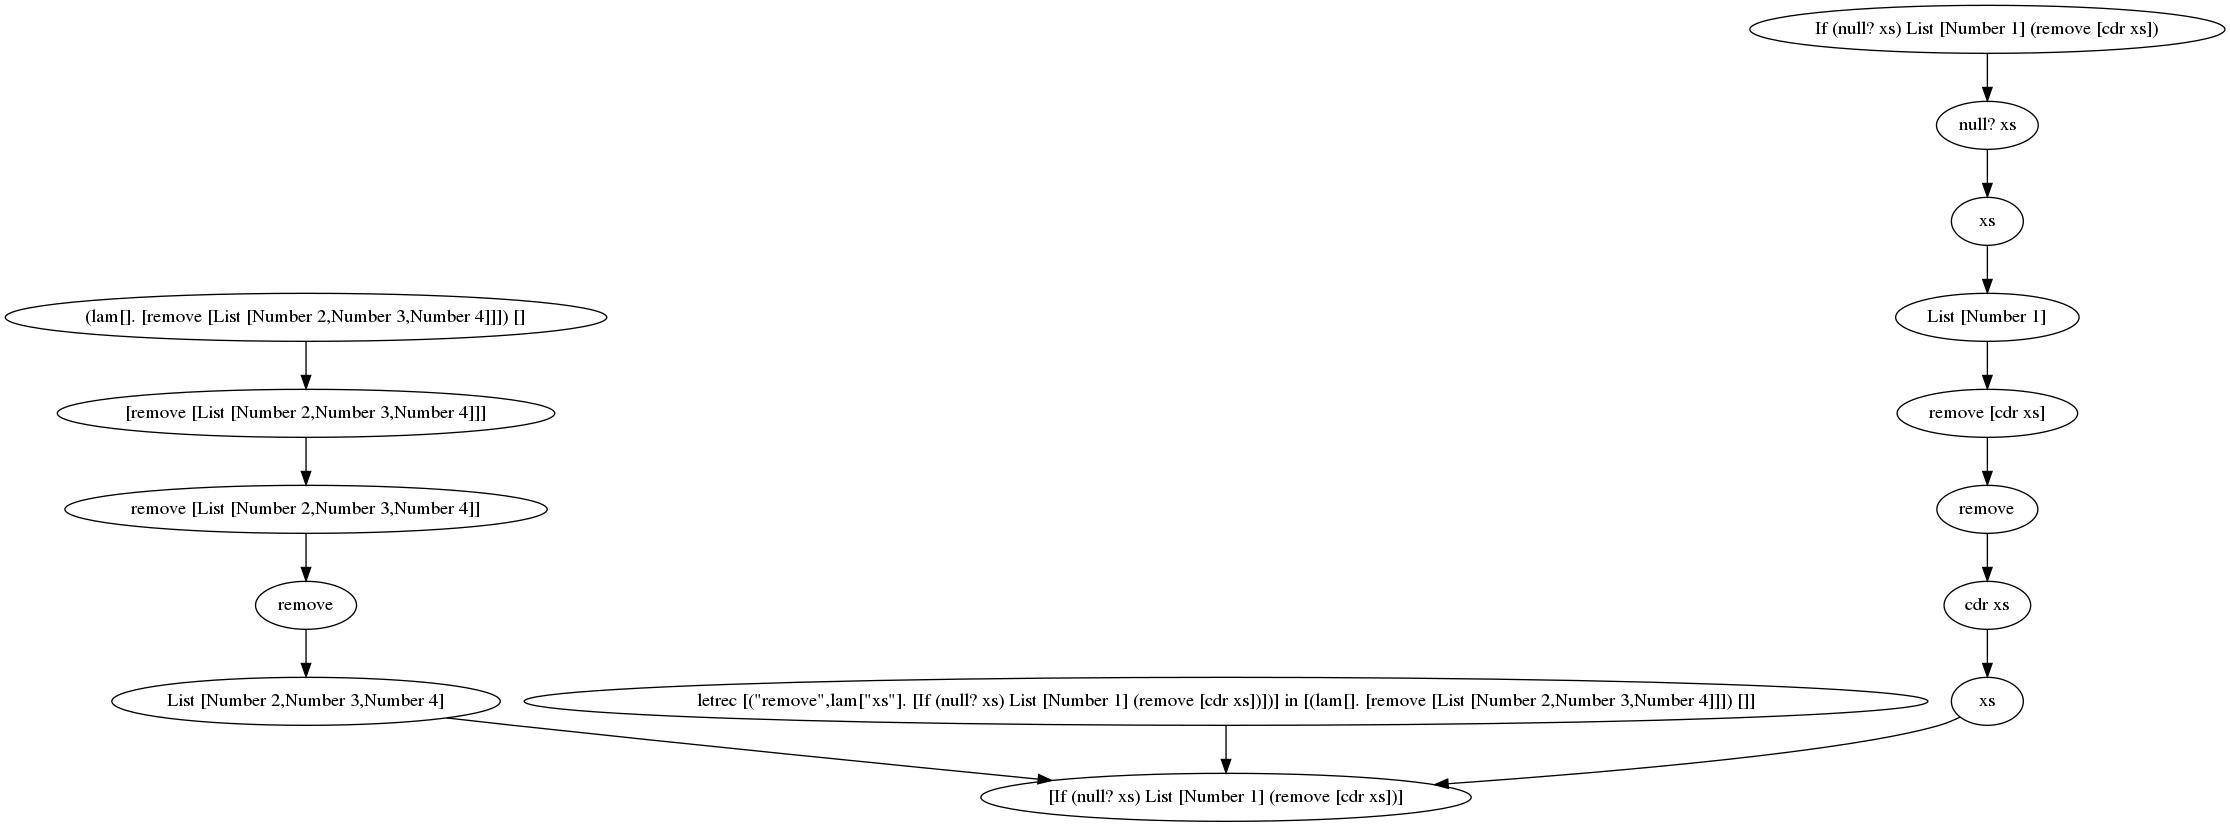 scheme/graph_files/test_rec_nonempty.png